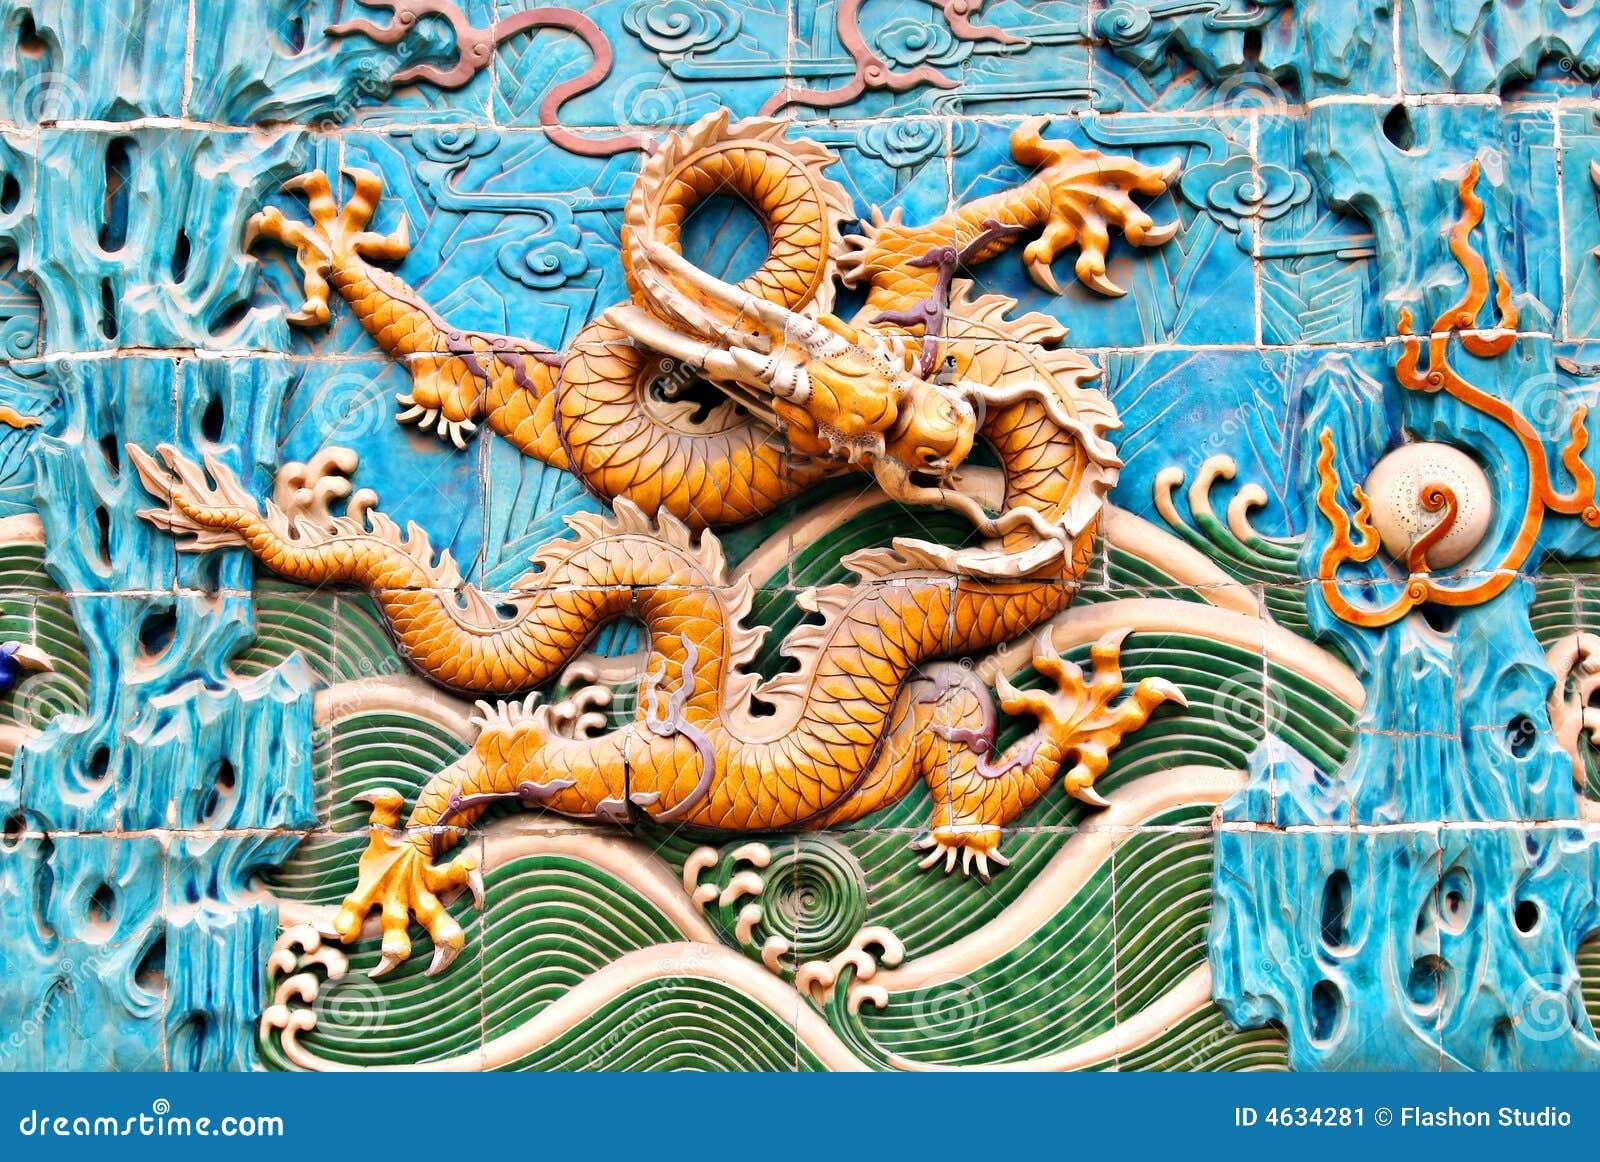 Parede famosa do dragão da dinastia de Qing em Beijing central